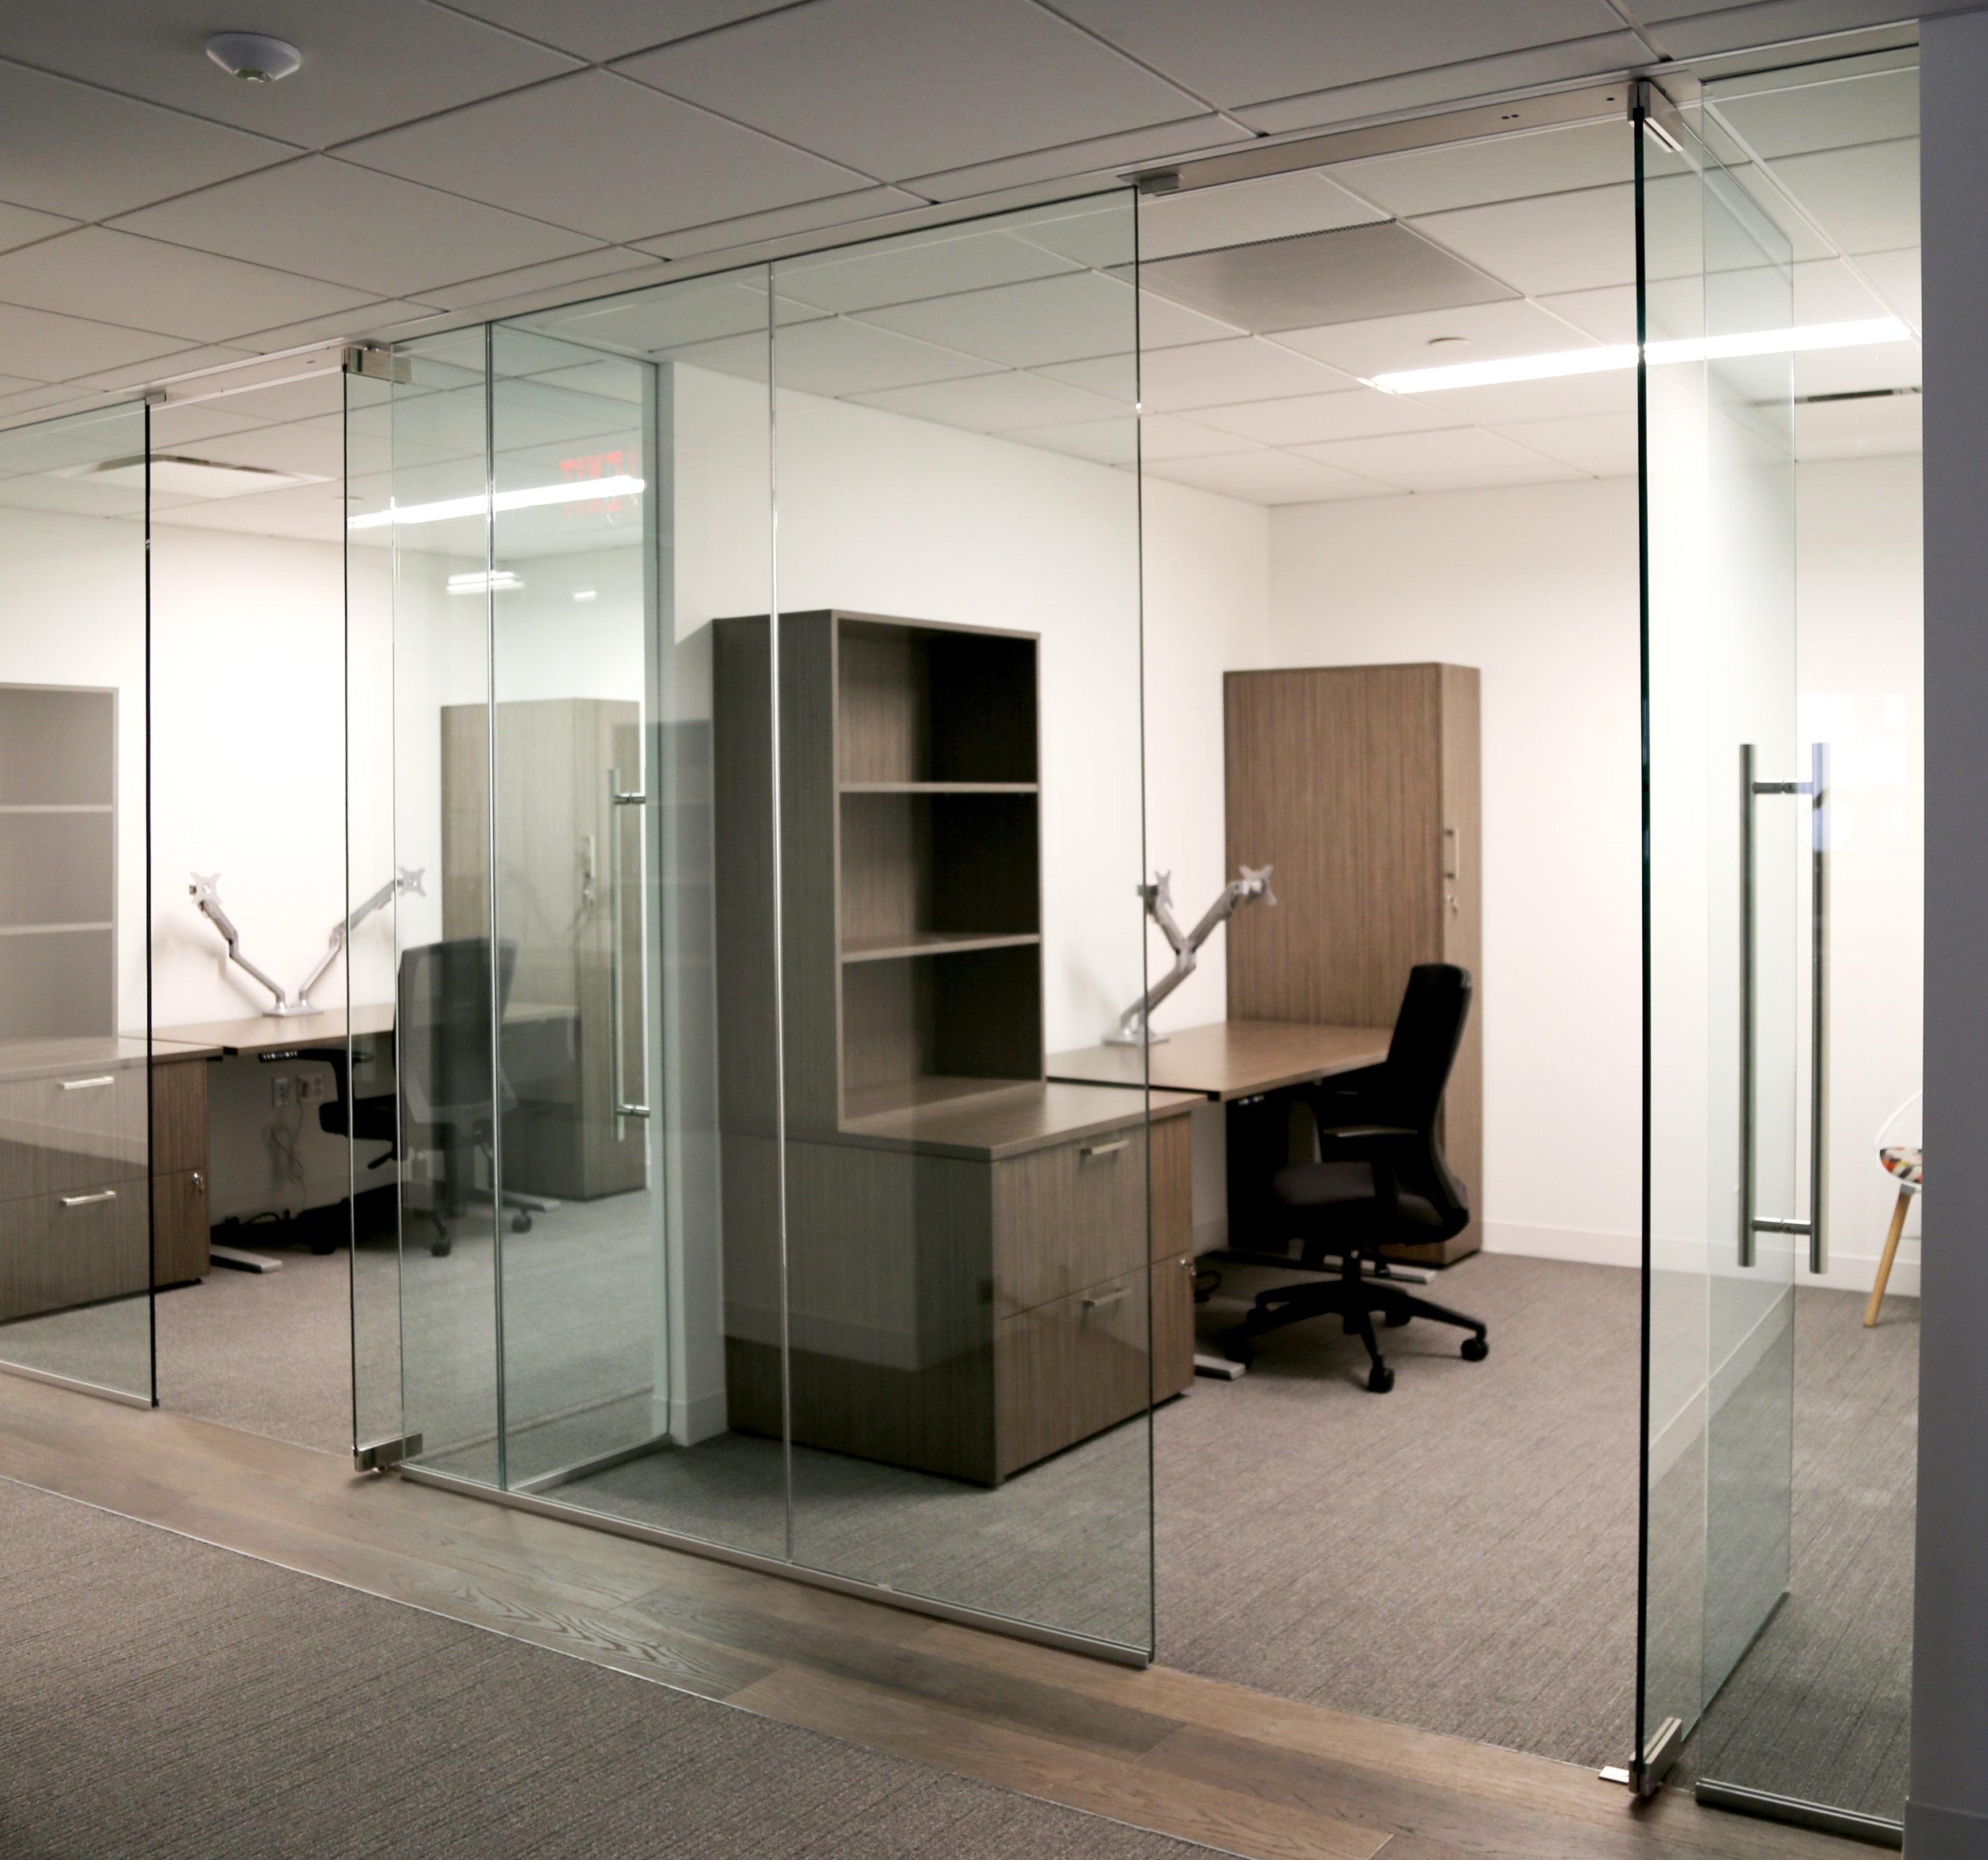 Illume Frameless Glass Office Pivot Doors - Spaceworks AI.jpg